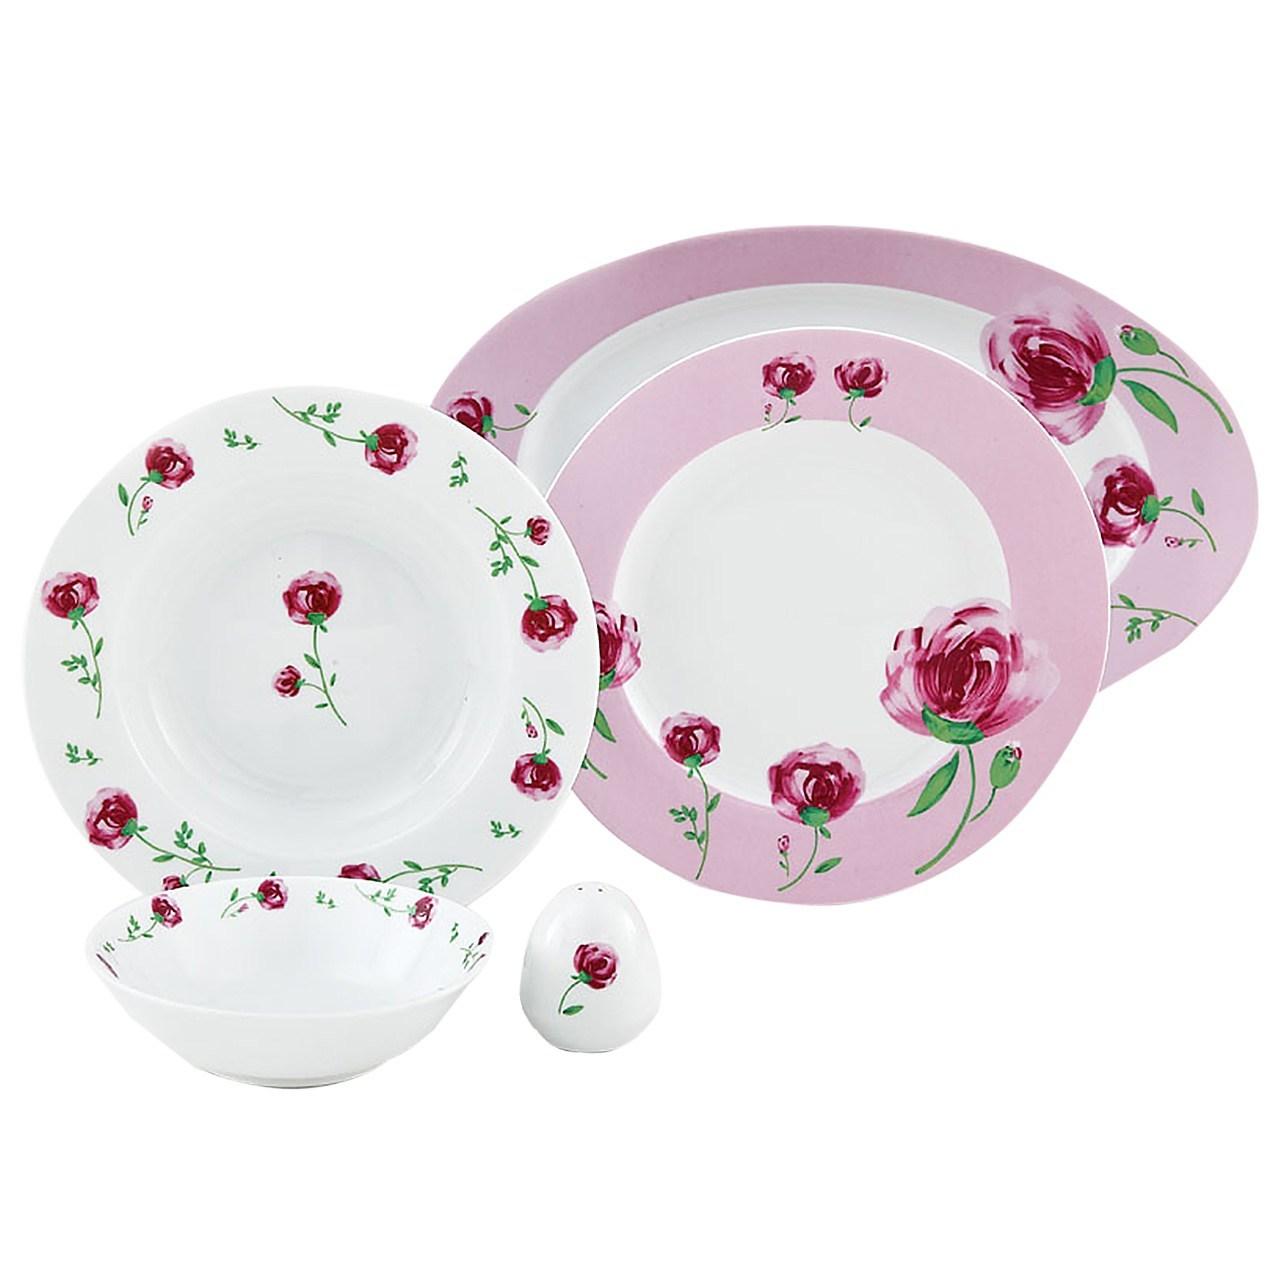 سرویس غذاخوری 28 پارچه چینی زرین ایران سری ایتالیا اف مدل Pink Rose 2 درجه عالی